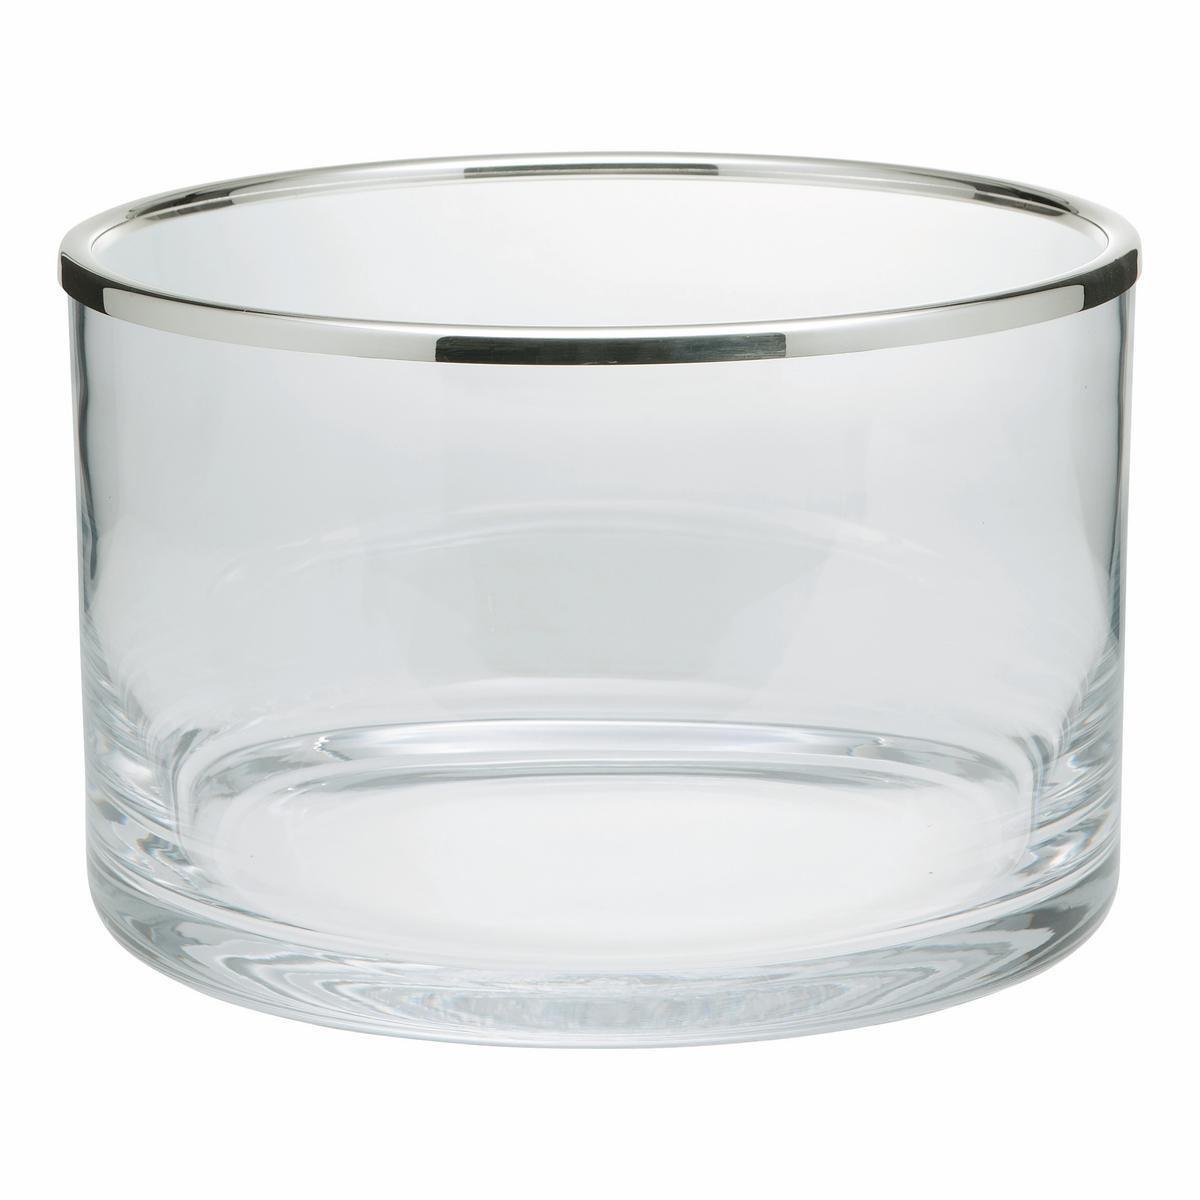 Ercuis Cerclé Glass Bowls